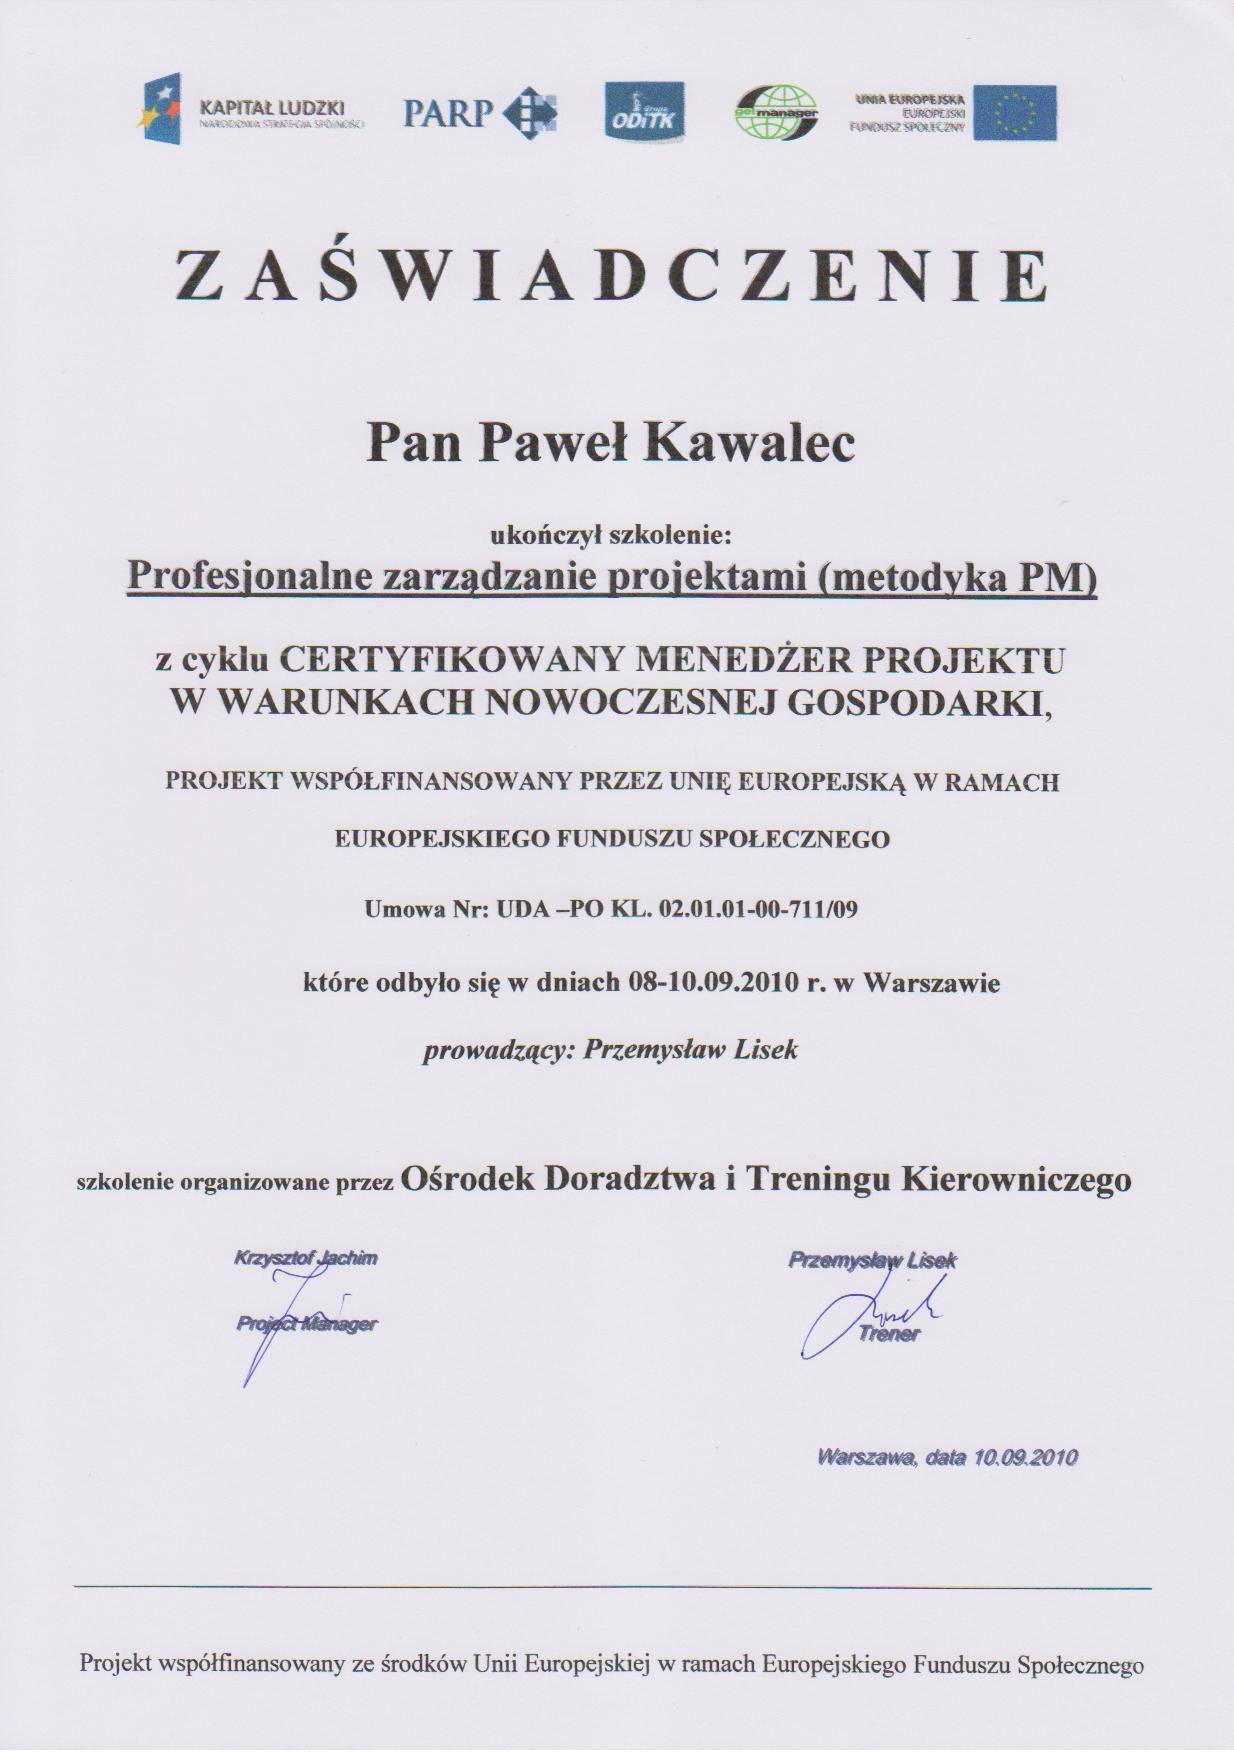 ODITK Profesionalne zarządzanie projektami